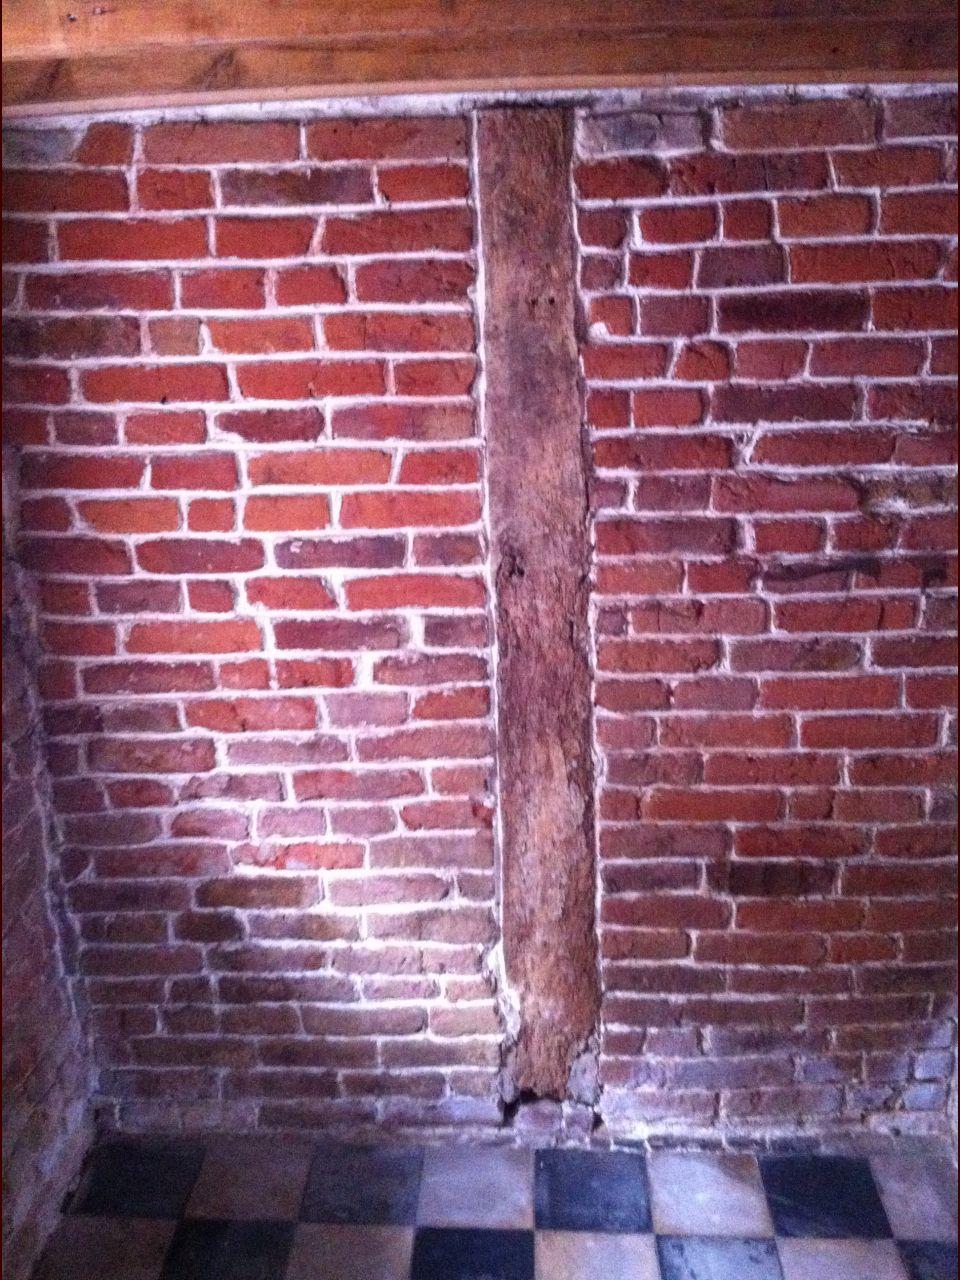 Le vieux mur qui ne sert à rien mais qui est joli quand même...